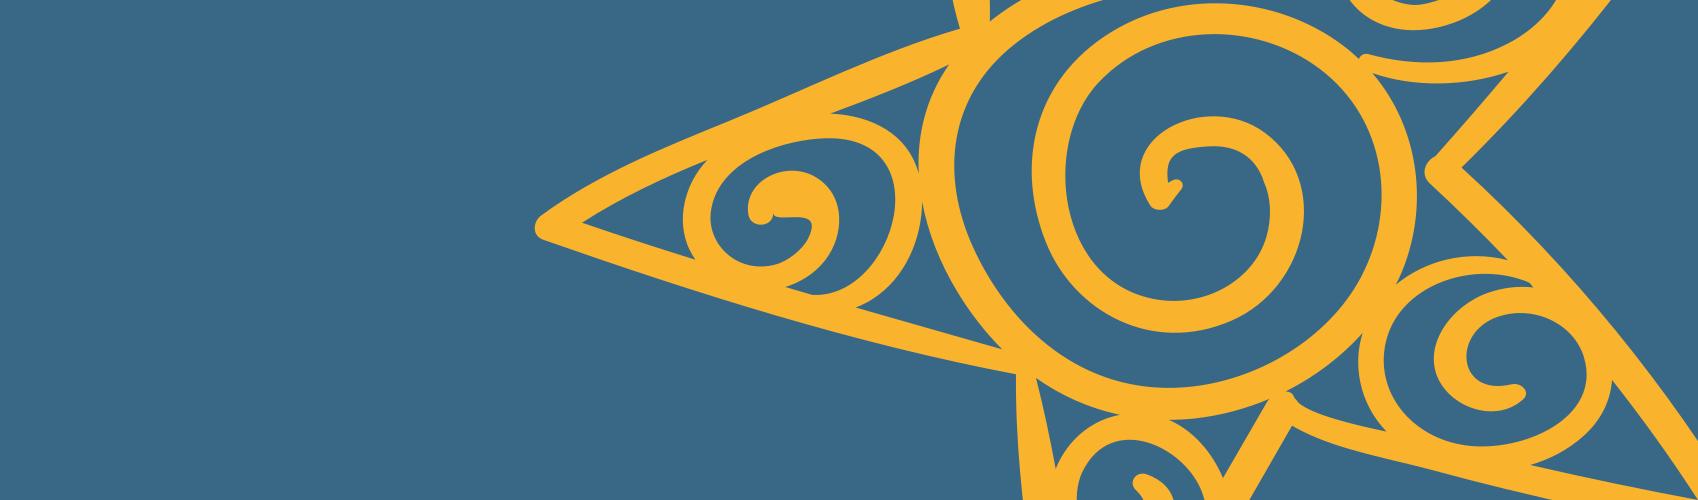 XVII Regionalny Przegląd Jasełek 2020